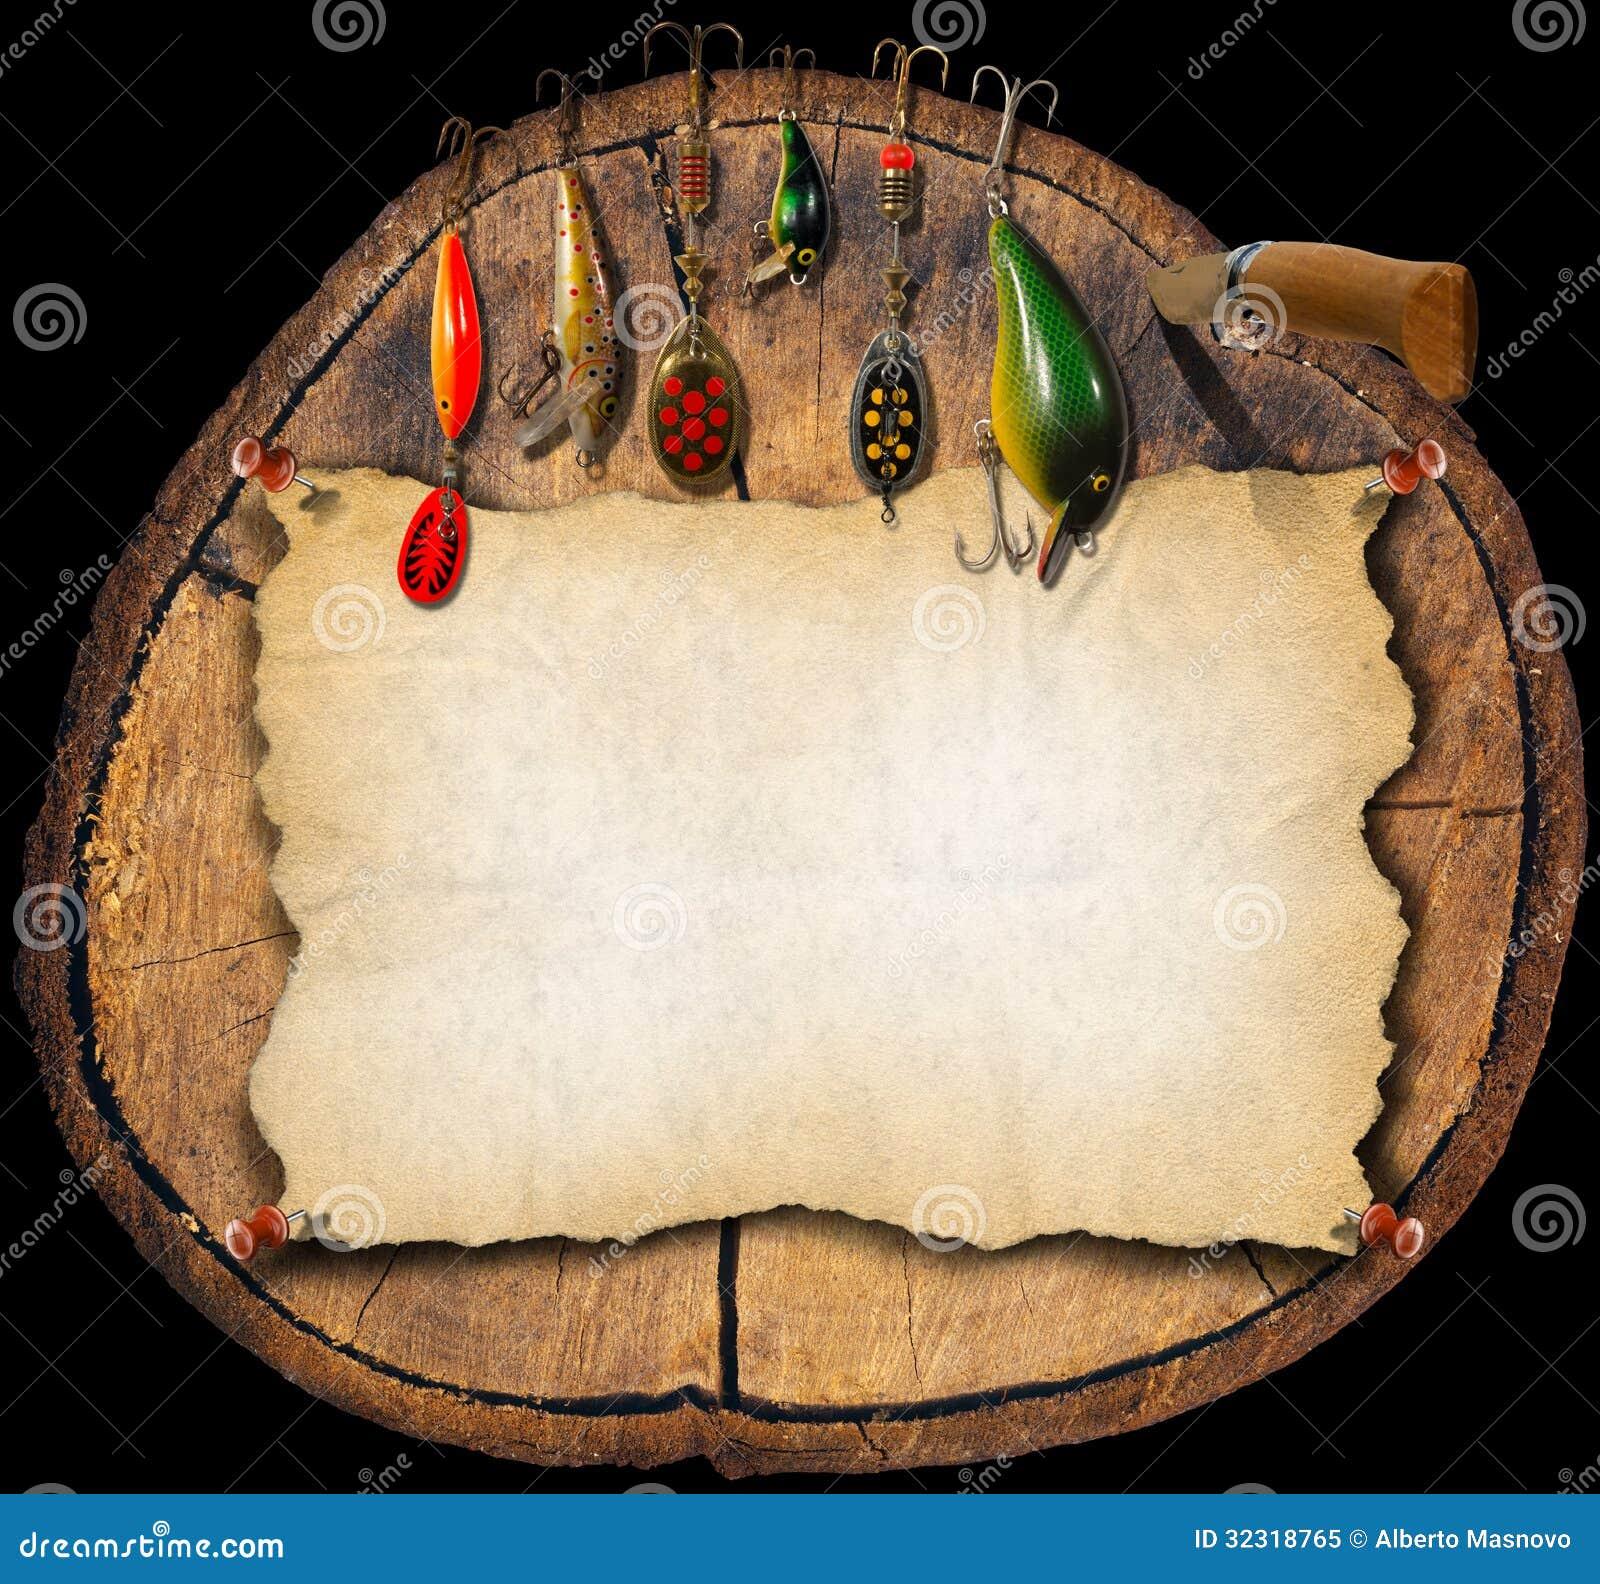 Fishing Tackle Background - Trunk Stock Illustration - Image: 32318765